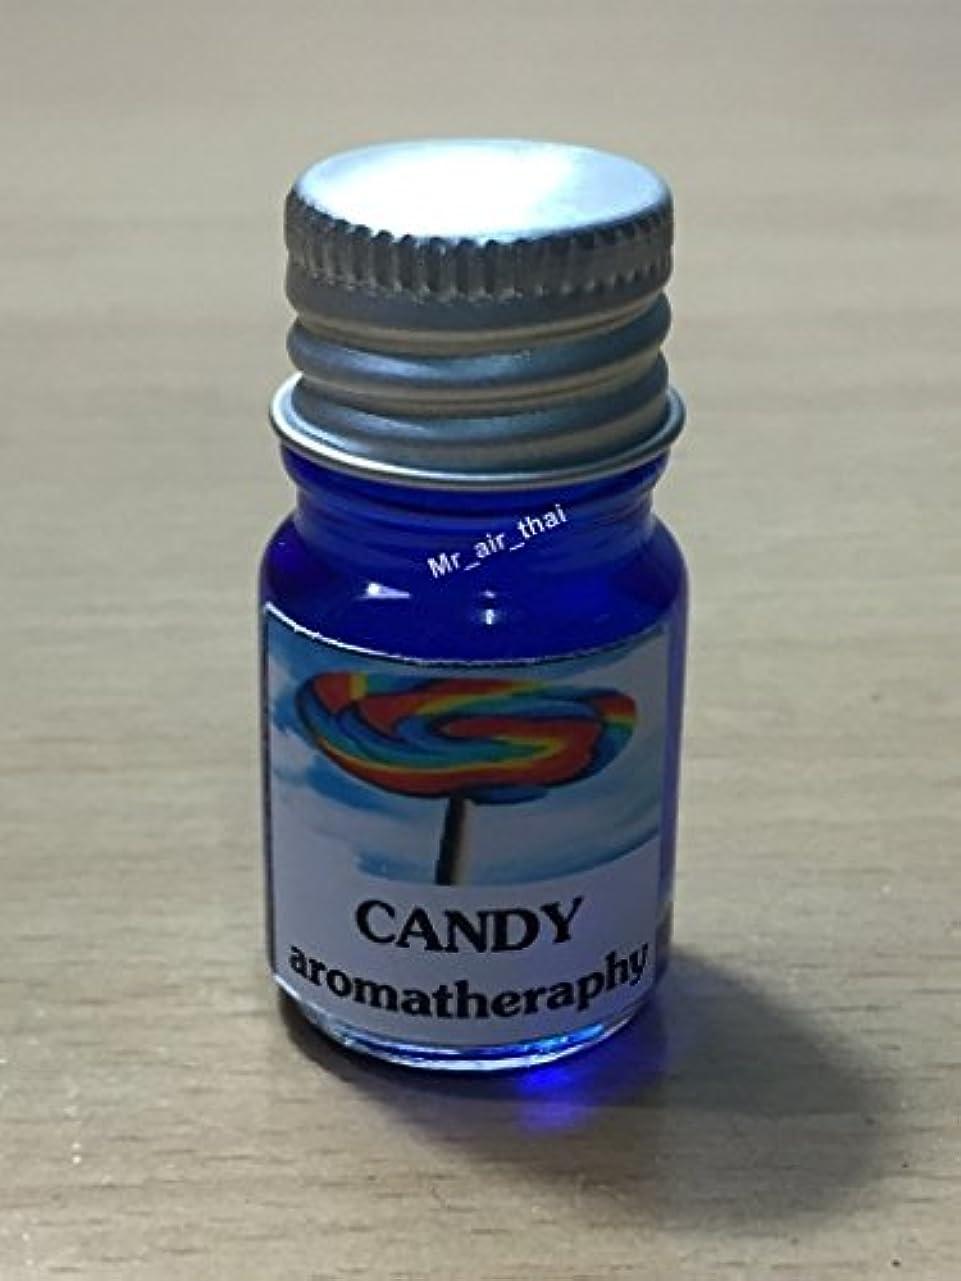 オフェンス不快将来の5ミリリットルアロマキャンディーフランクインセンスエッセンシャルオイルボトルアロマテラピーオイル自然自然5ml Aroma Candy Frankincense Essential Oil Bottles Aromatherapy...